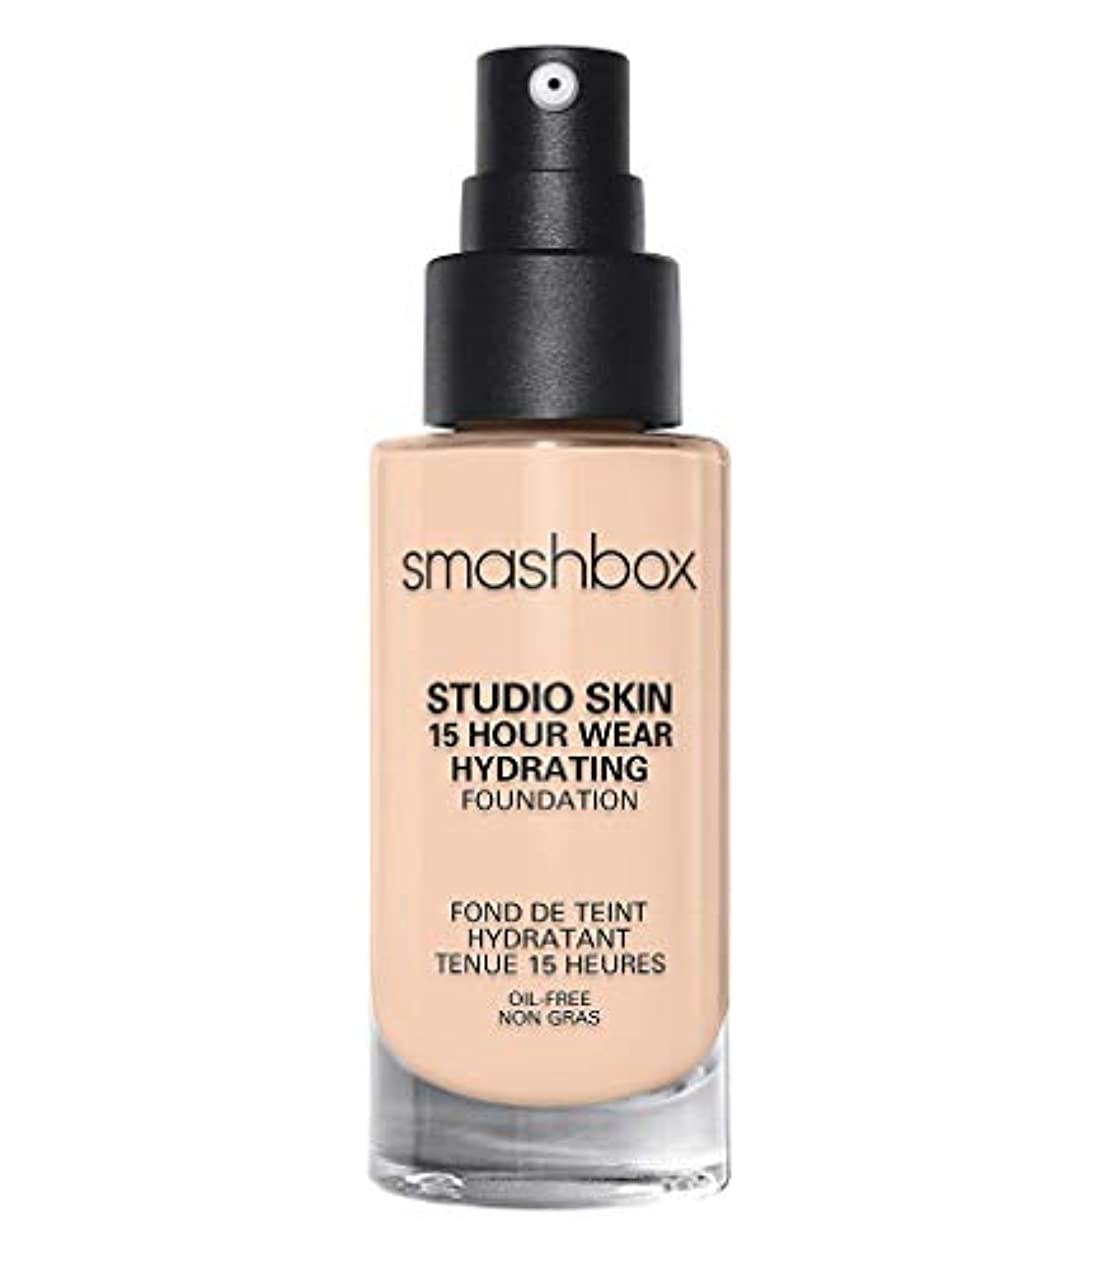 介入する政策万一に備えてスマッシュボックス Studio Skin 15 Hour Wear Hydrating Foundation - # 0.3 Fair With Neutral Undertone 30ml/1oz並行輸入品